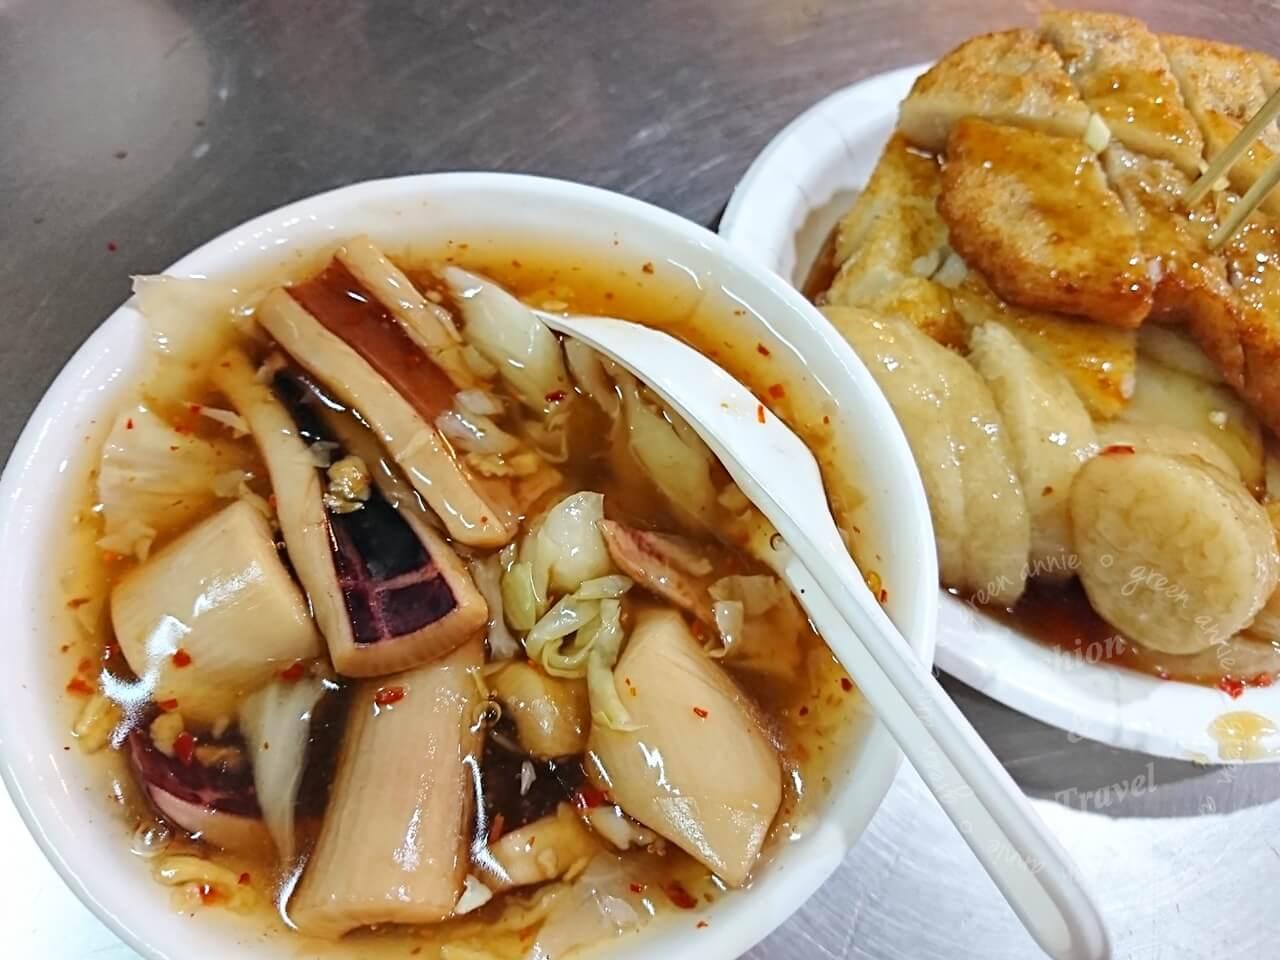 板橋黃石市場-高記生炒魷魚、炸蘿蔔糕、糯米腸、芋粿Q銅板美食推薦-捷運府中站